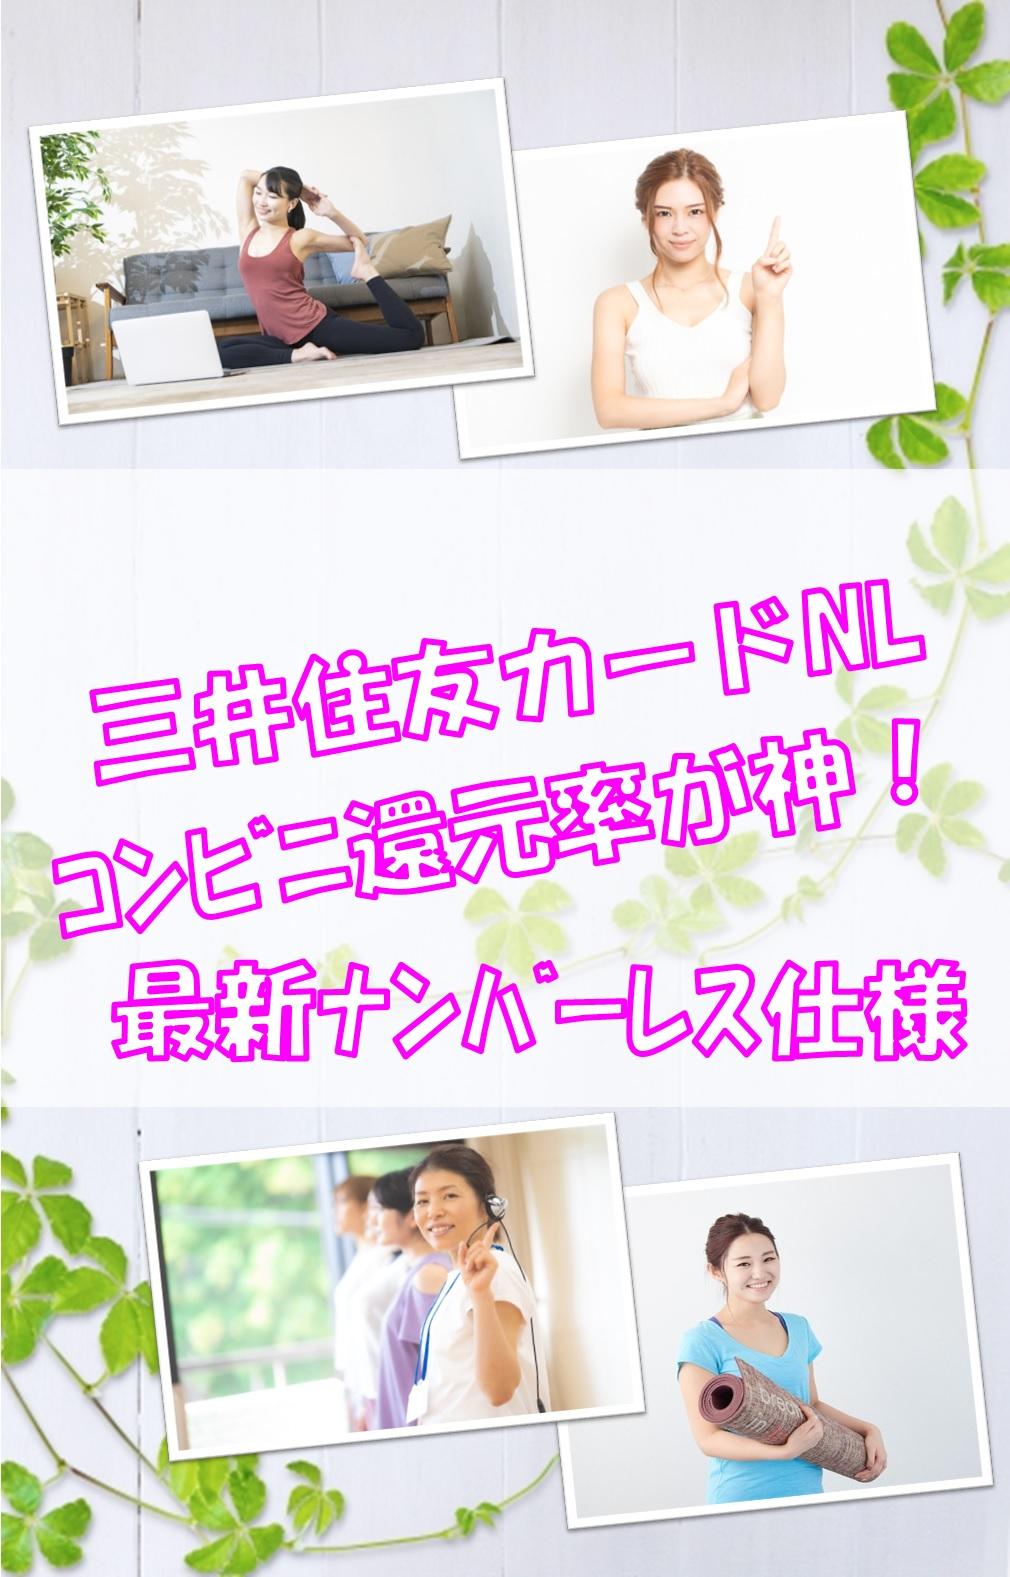 【三井住友カード(NL)ナンバーレスがおすすめ】コンビニ等での利用が最高にお得